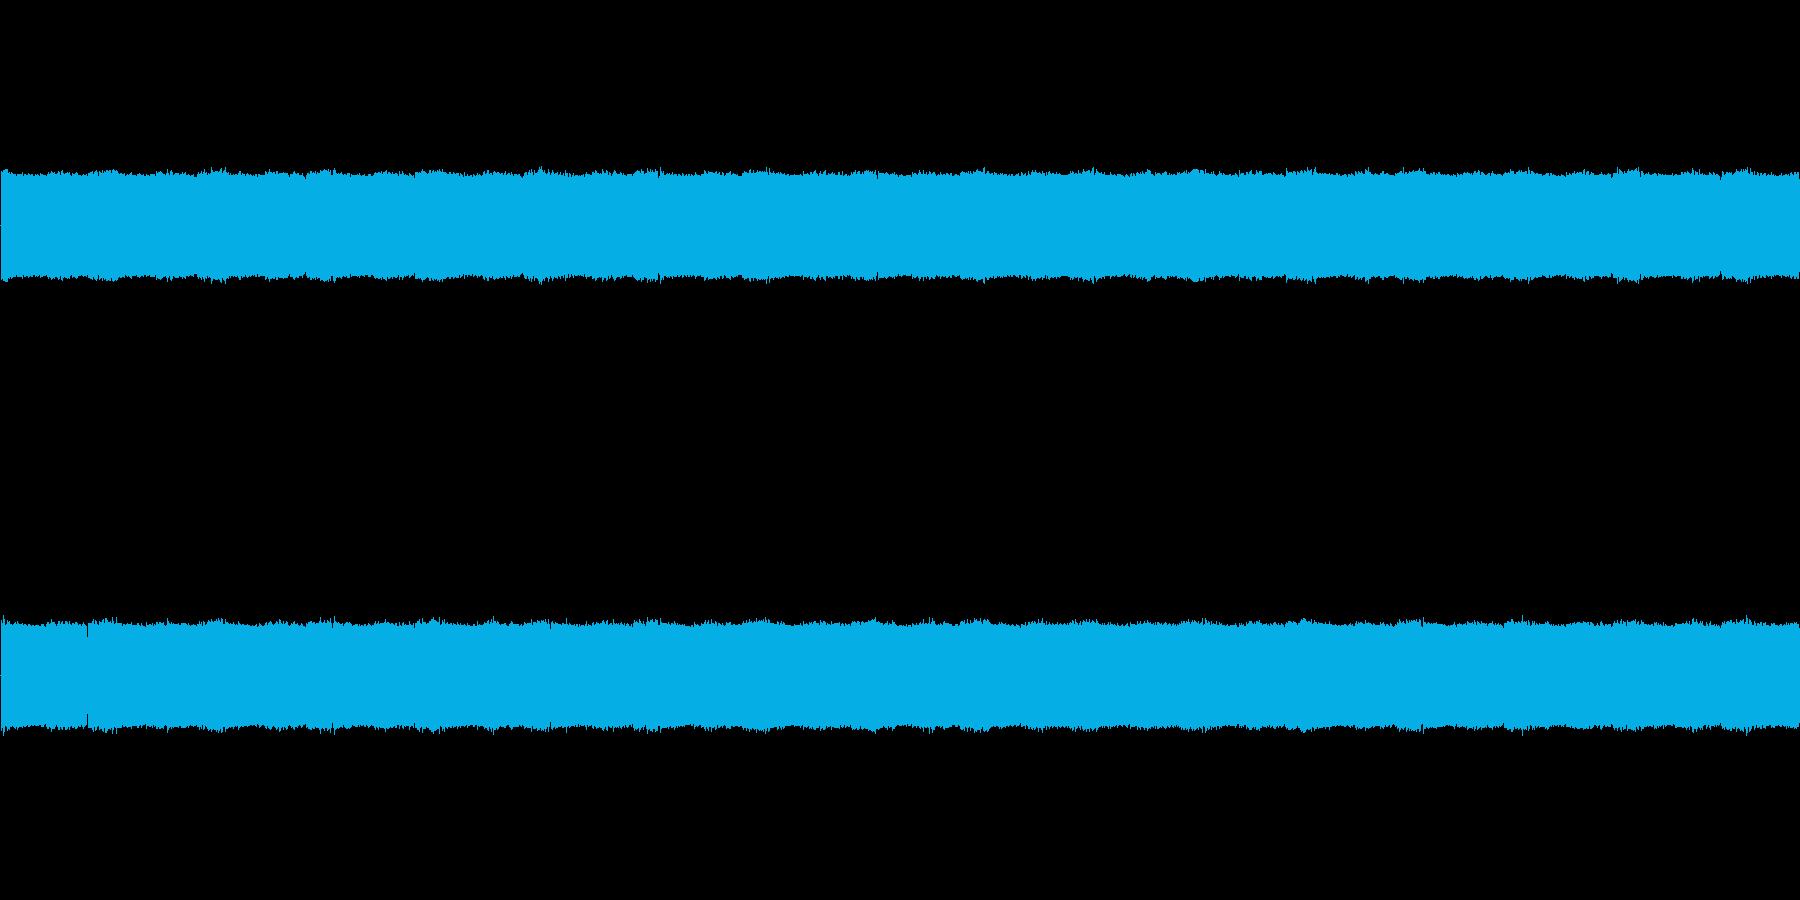 「ループ音源シリーズ」鉄塔や電線が過密…の再生済みの波形